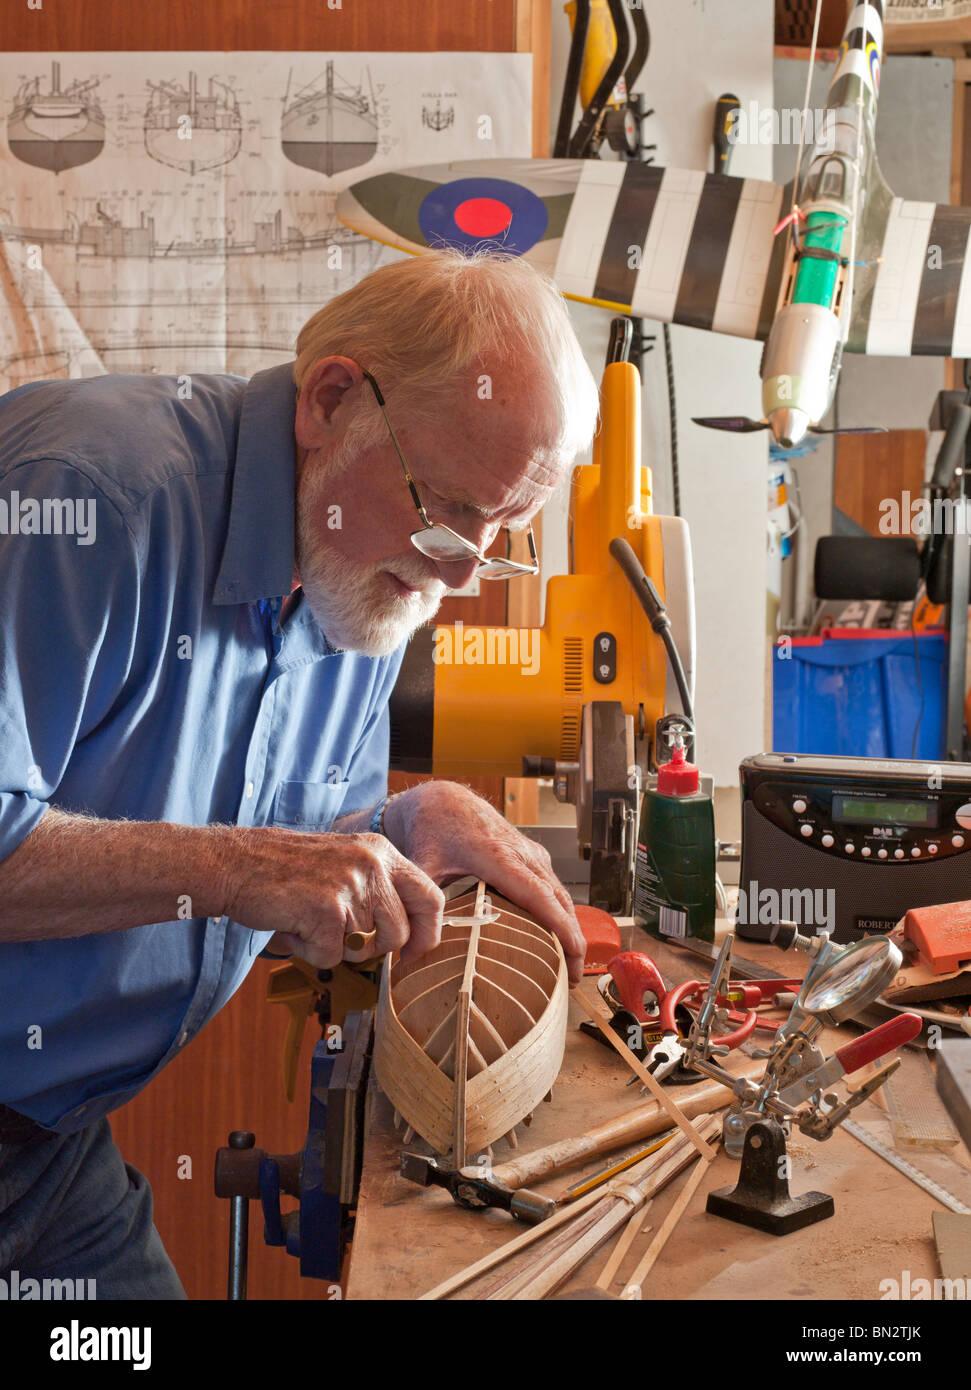 Anciano, jubilado, haciendo barco modelo en el taller. UK Foto de stock